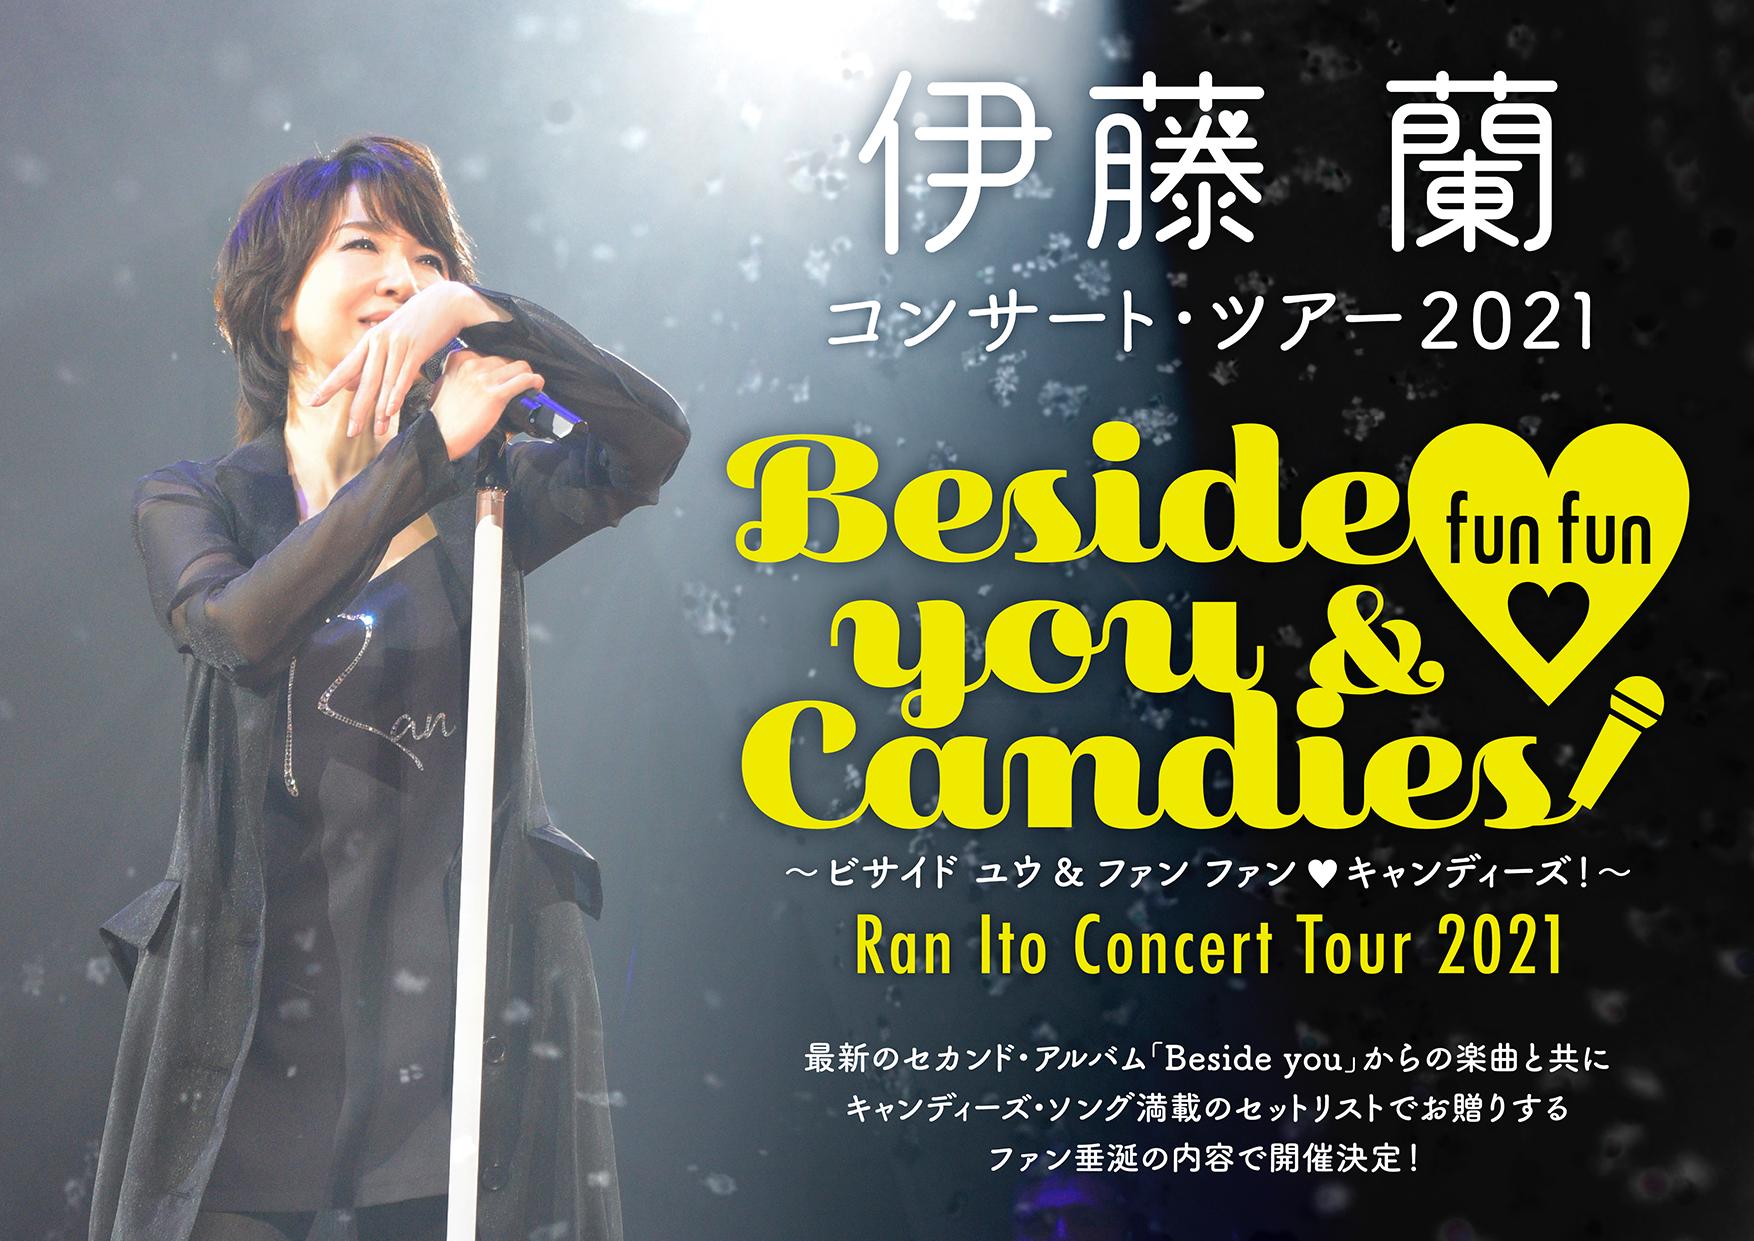 伊藤 蘭コンサート・ツアー2021 ~Beside you & fun fun ♡ Candies!~